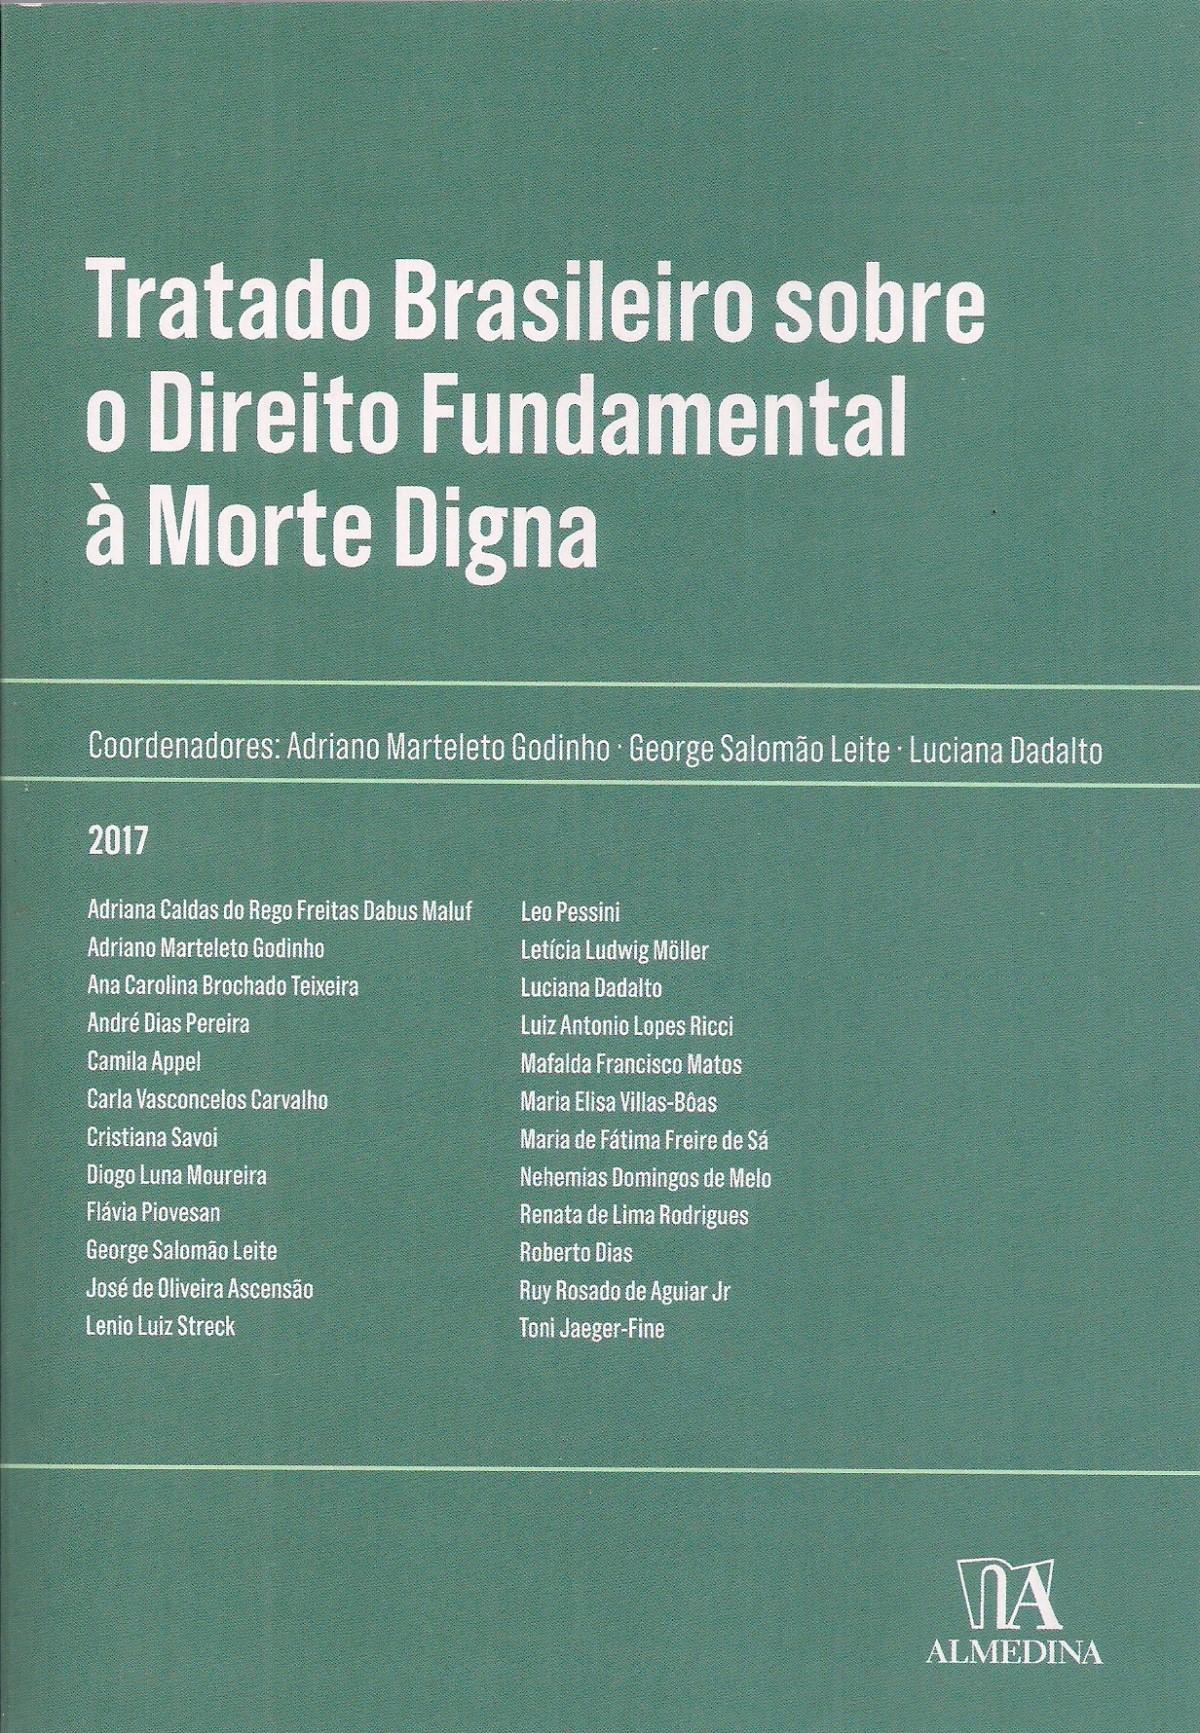 Foto 1 - Tratado Brasileiro sobre o Direito Fundamental á Morte Digna